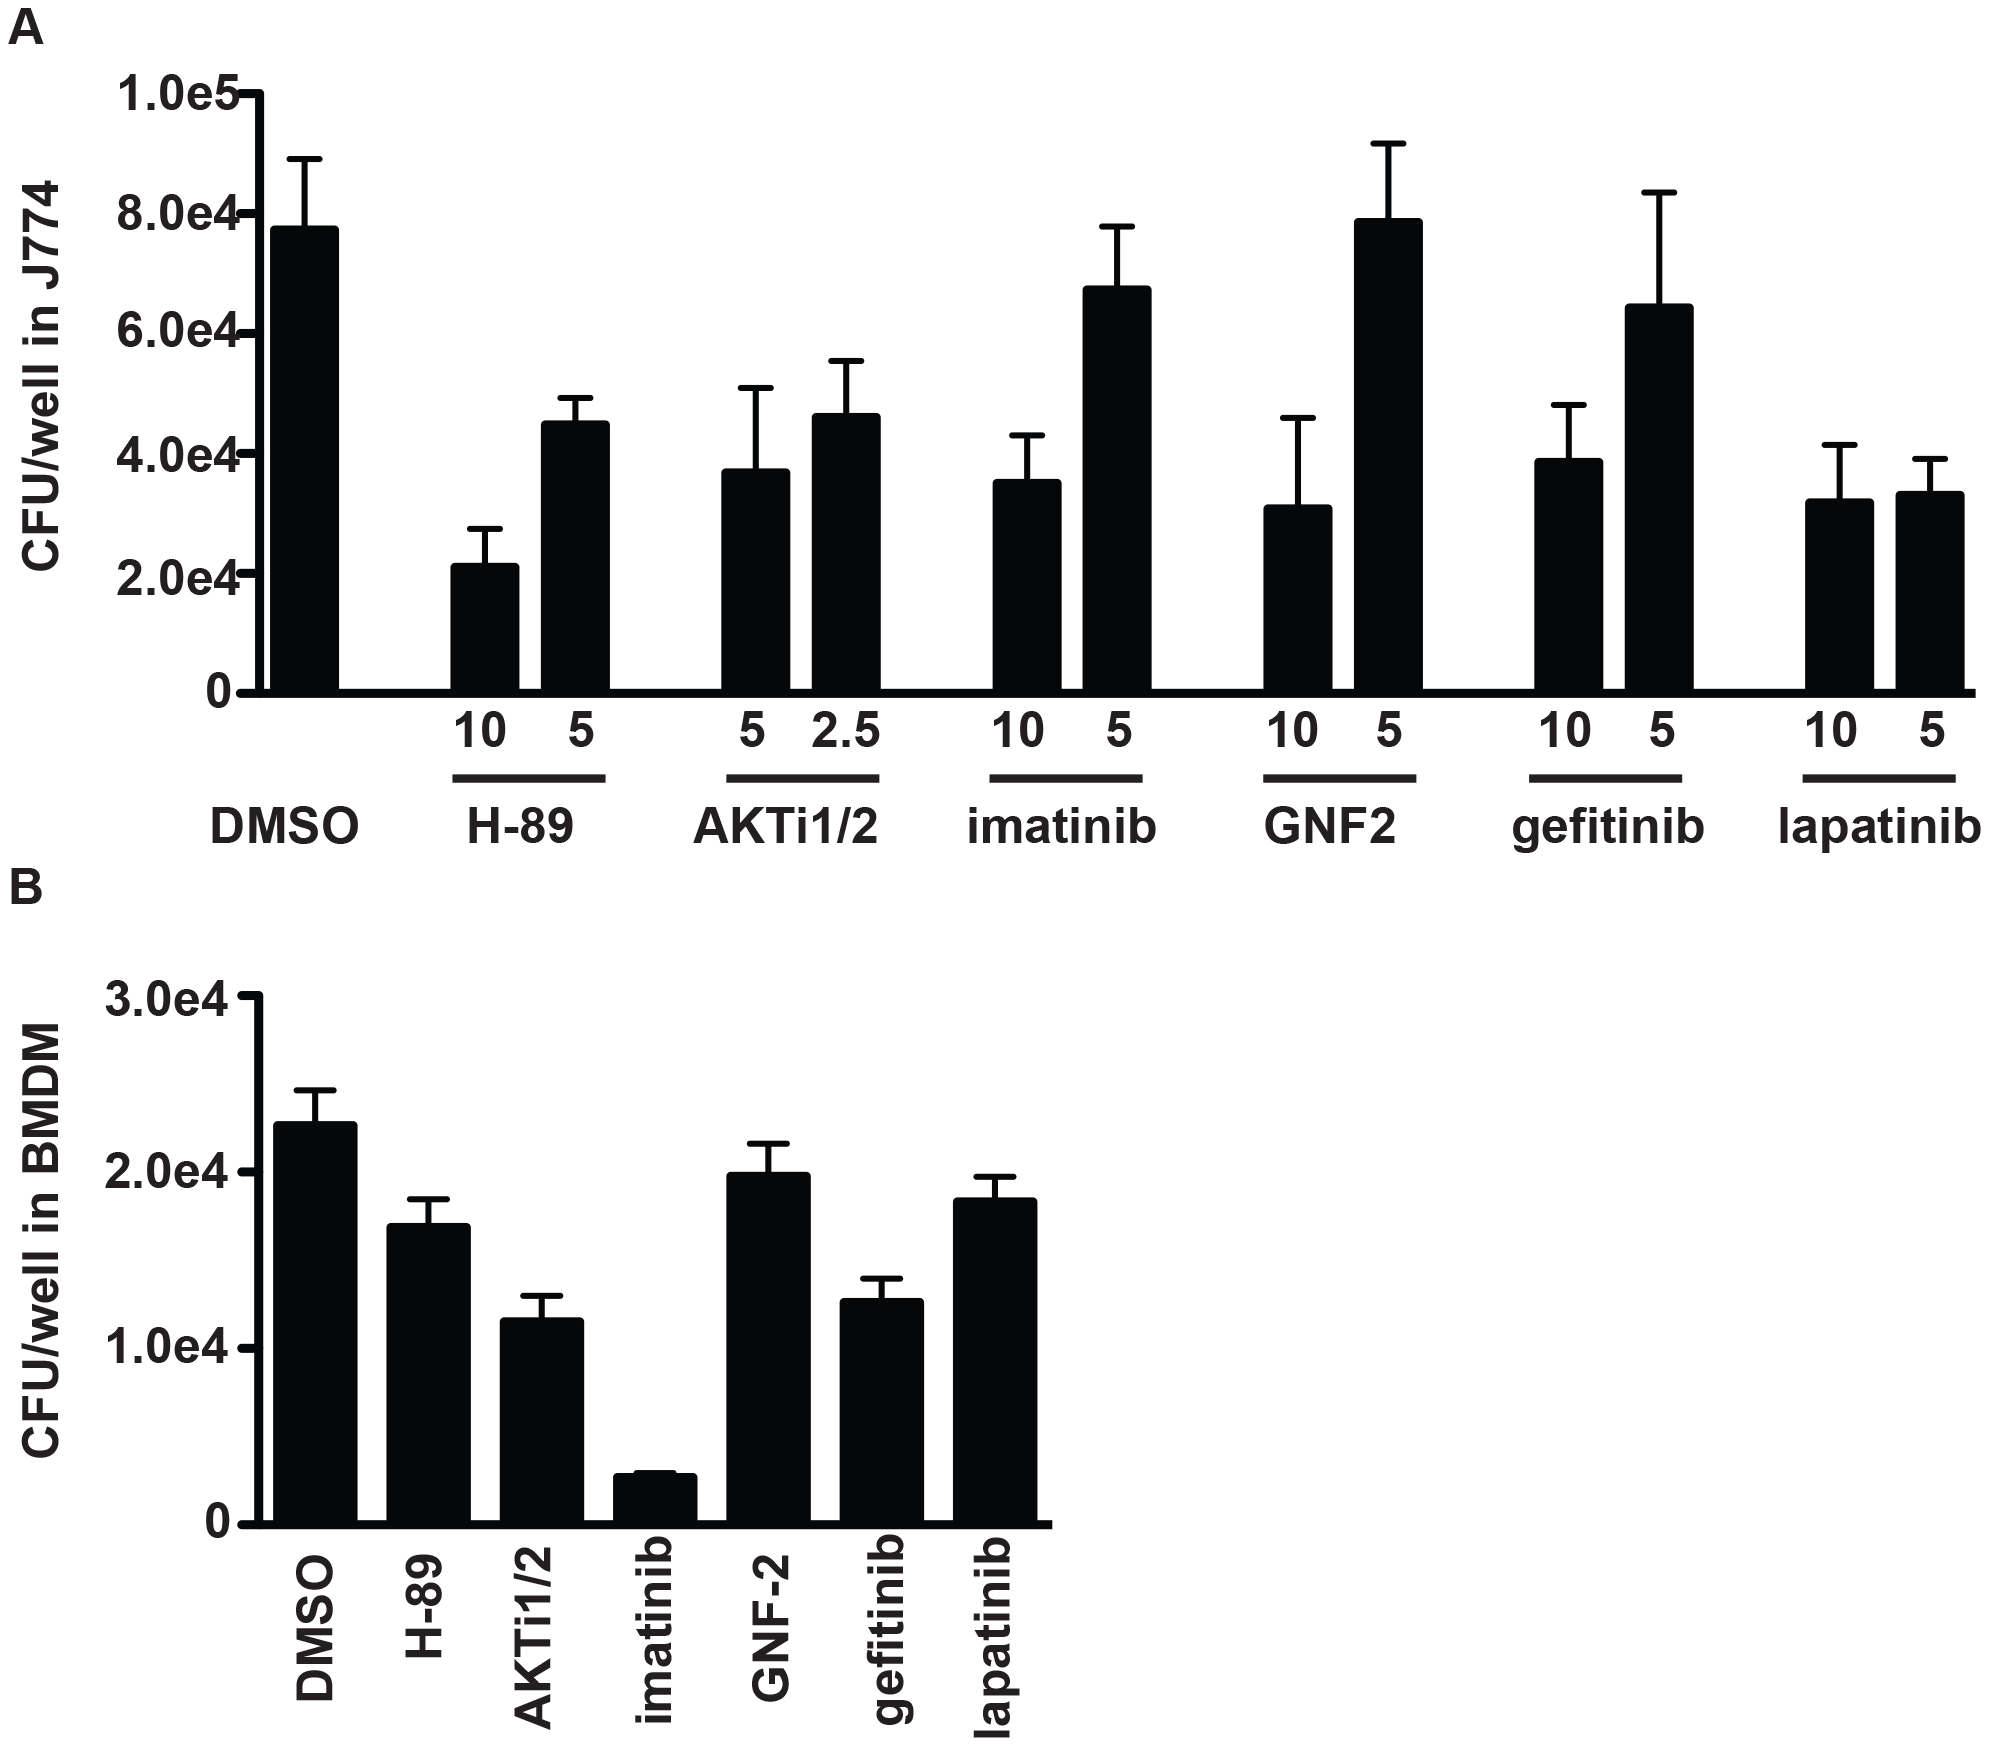 Inhibitors of protein kinases impair mycobacterial growth in macrophages.